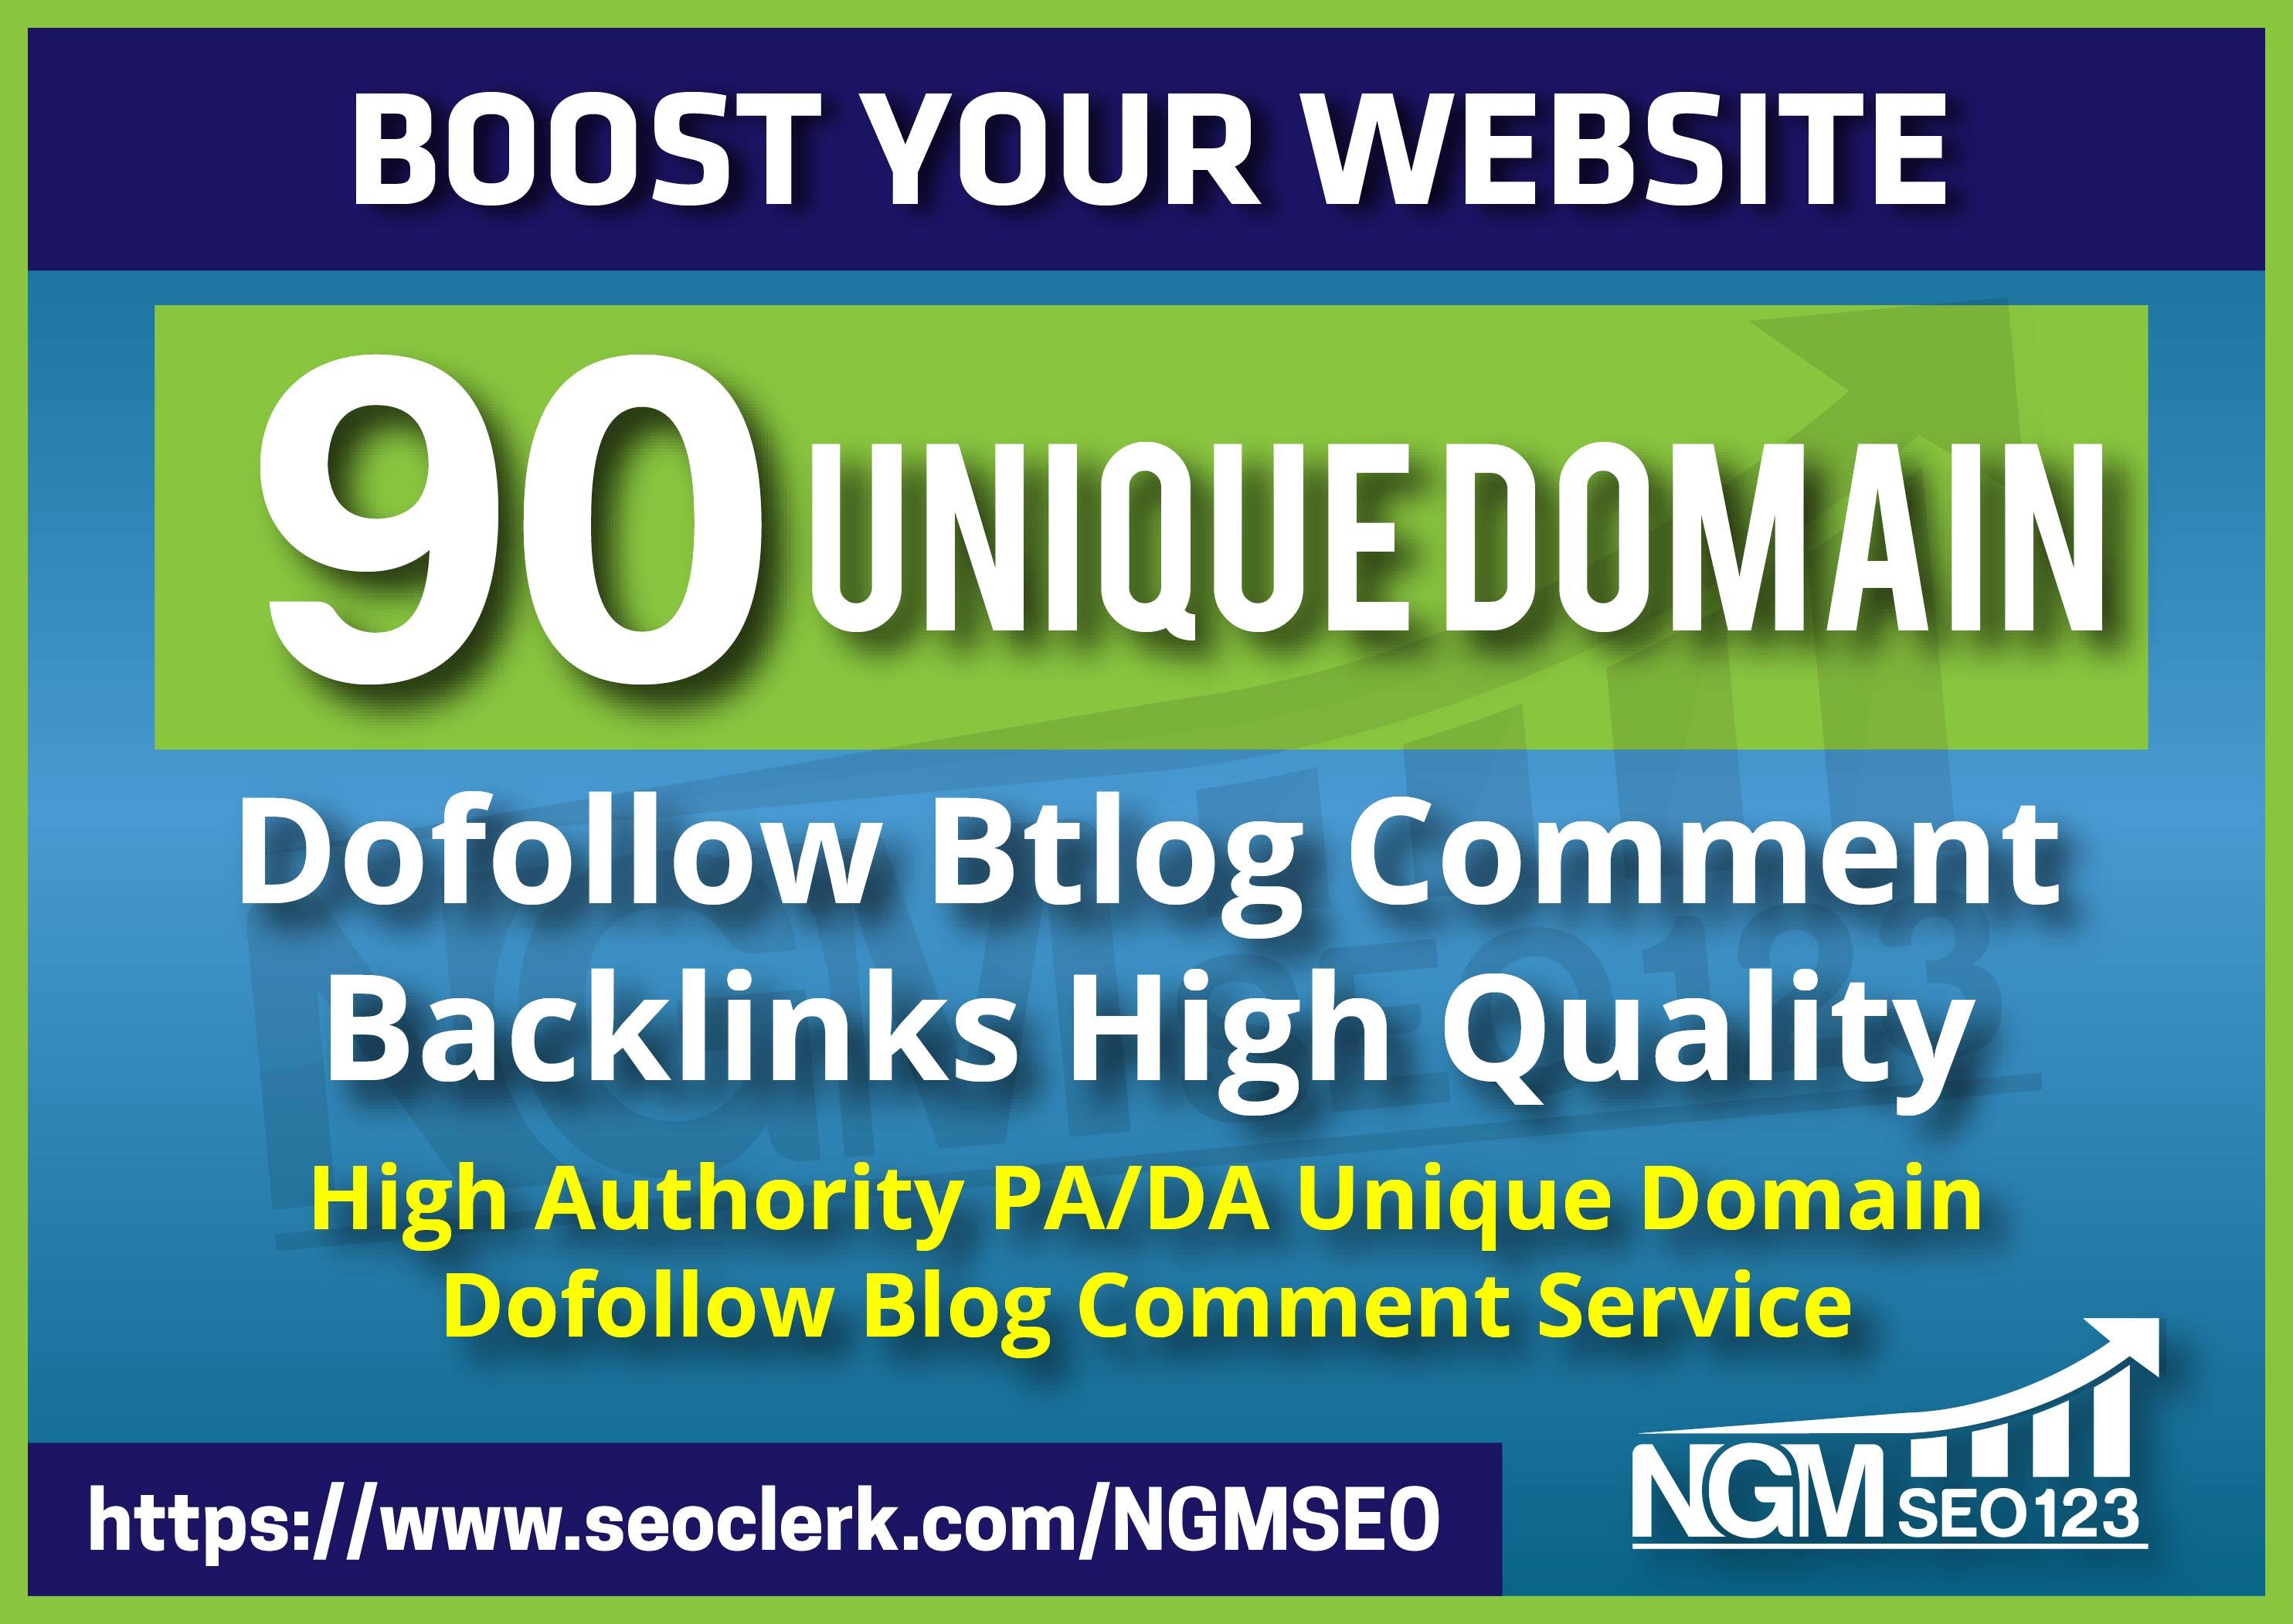 Provide 90 Unique Domain SEO Backlinks on tf100 da100 sites